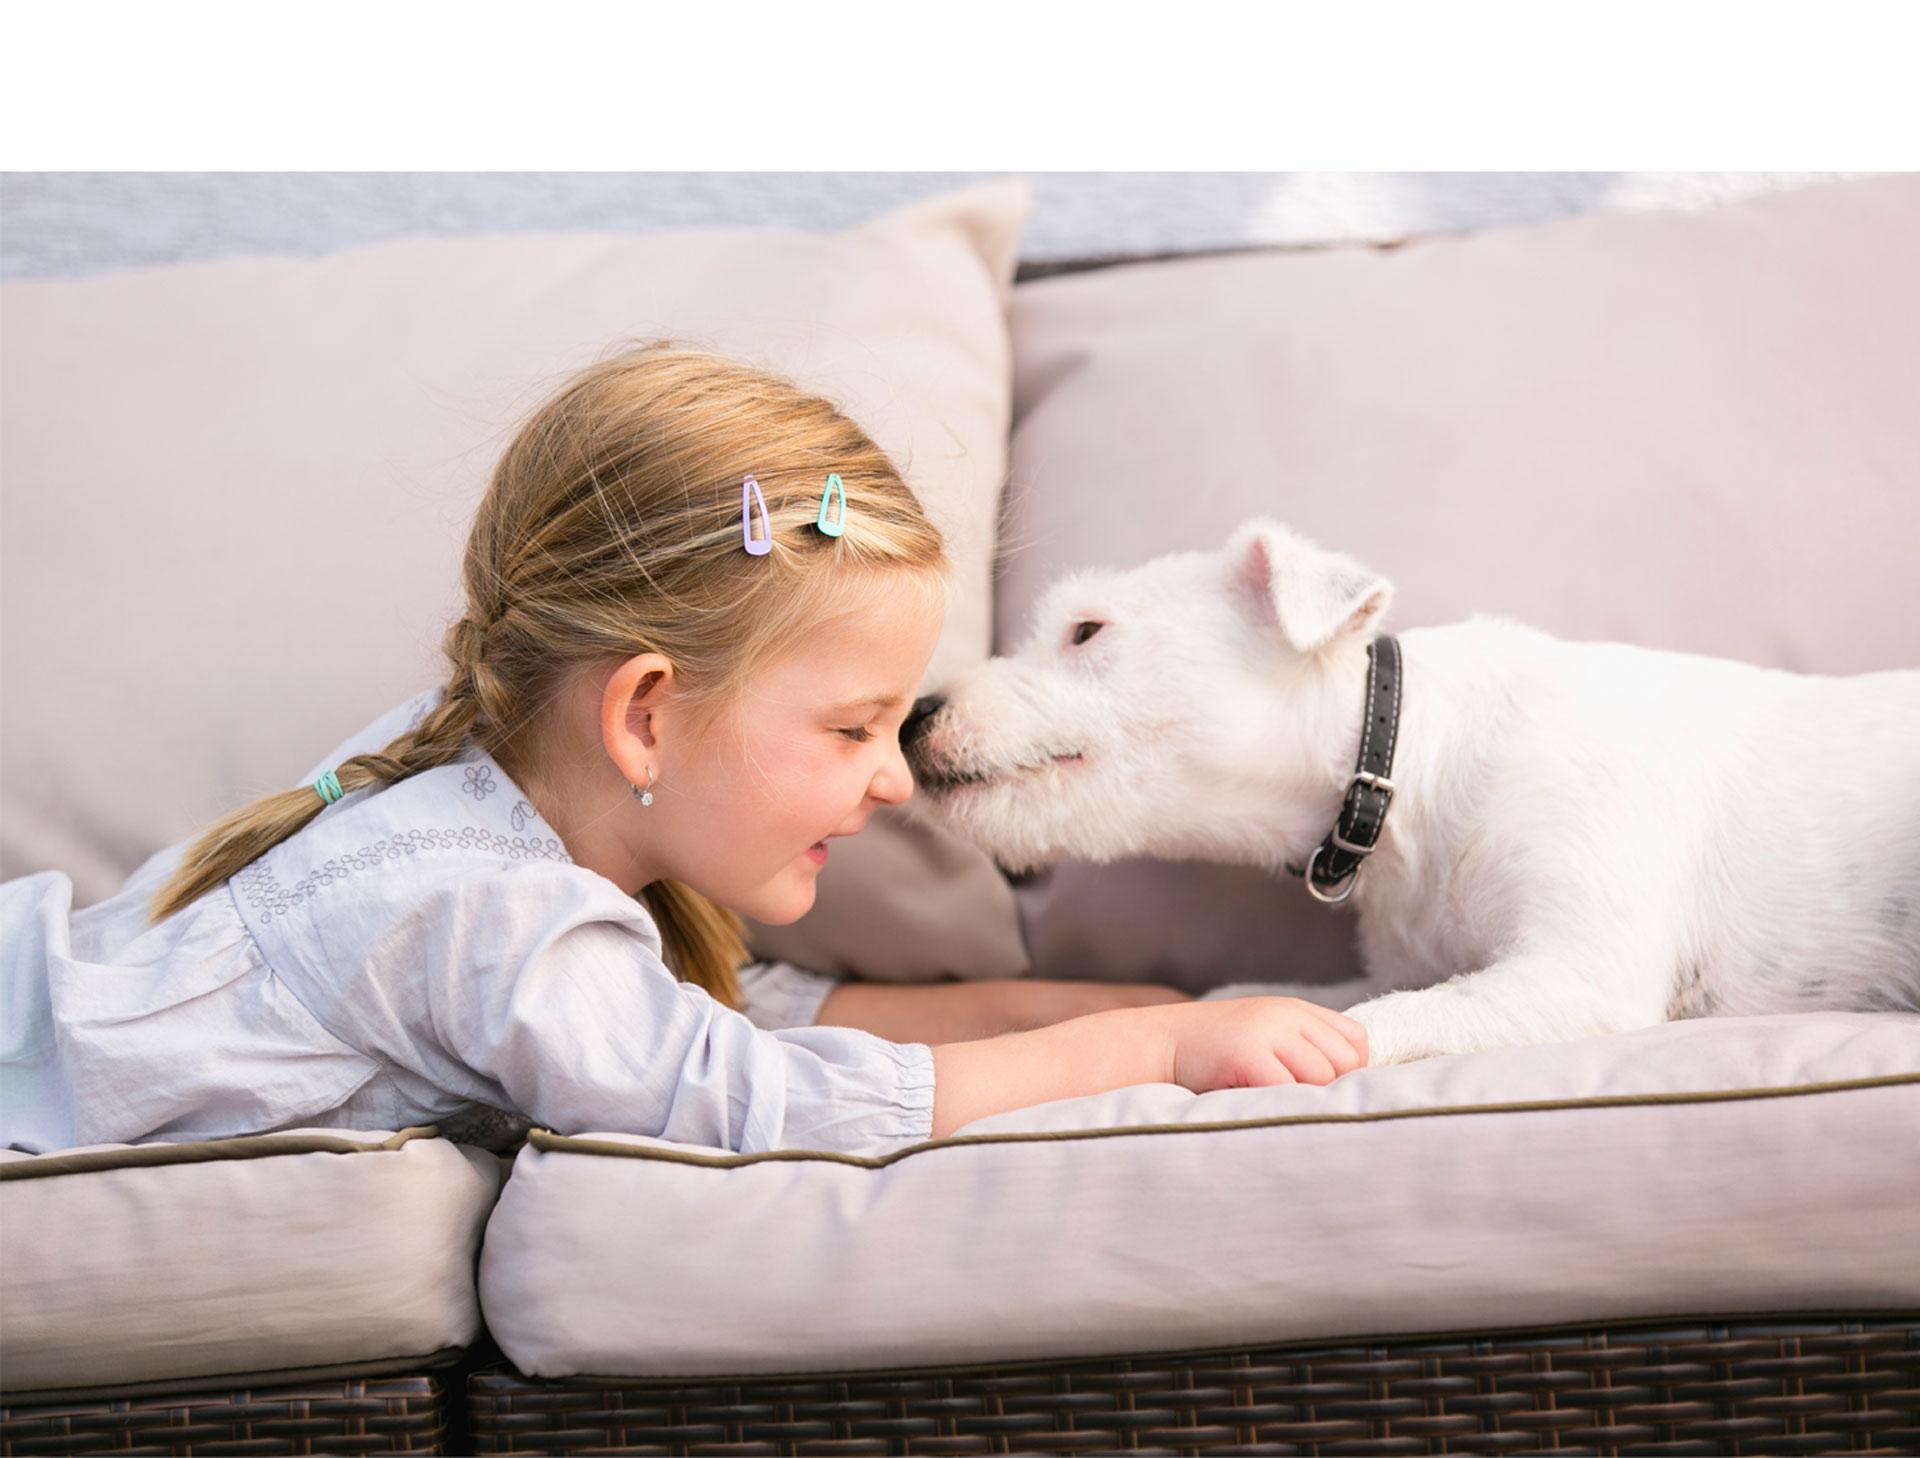 Si quieres tener un amigo invaluable y aumentar tus beneficios emocionales, ¿qué esperas para tener un animalito en casa?